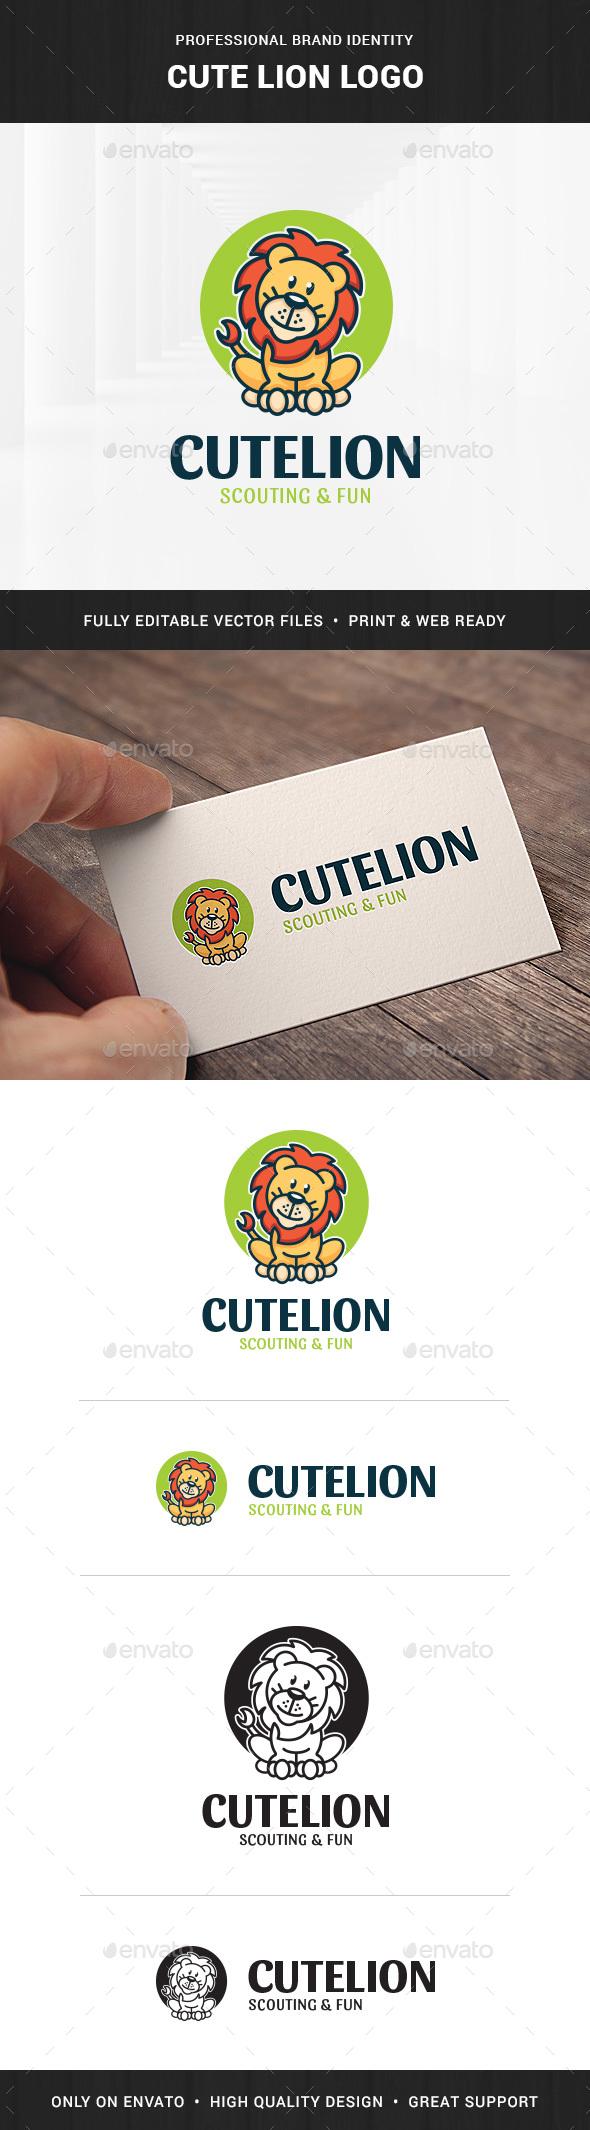 Cute Lion Logo Template